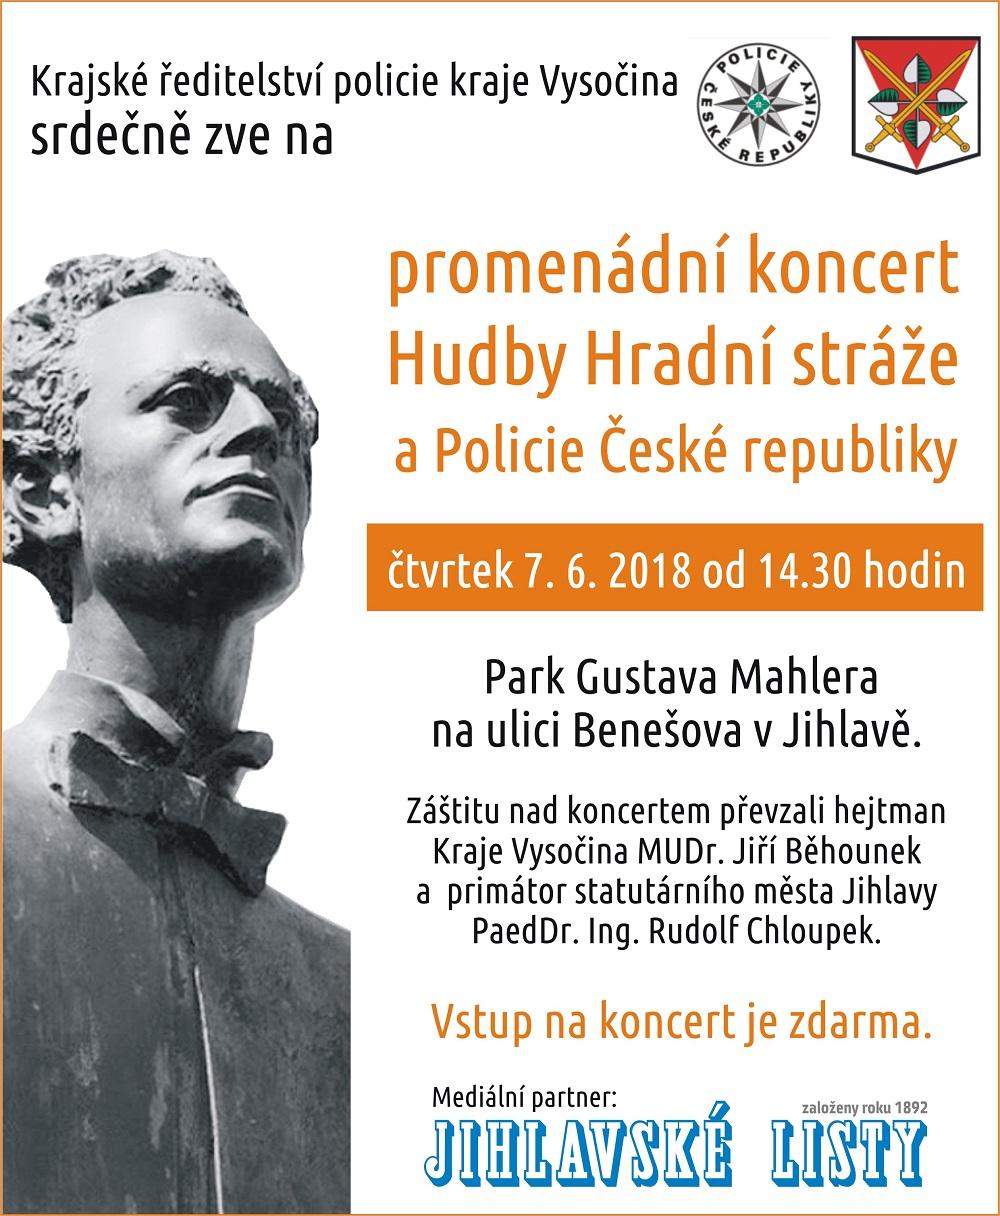 KONCERT HUDBY HRADNÍ STRÁŽE A POLICIE ČESKÉ REPUBLIKY V JIHLAVĚ